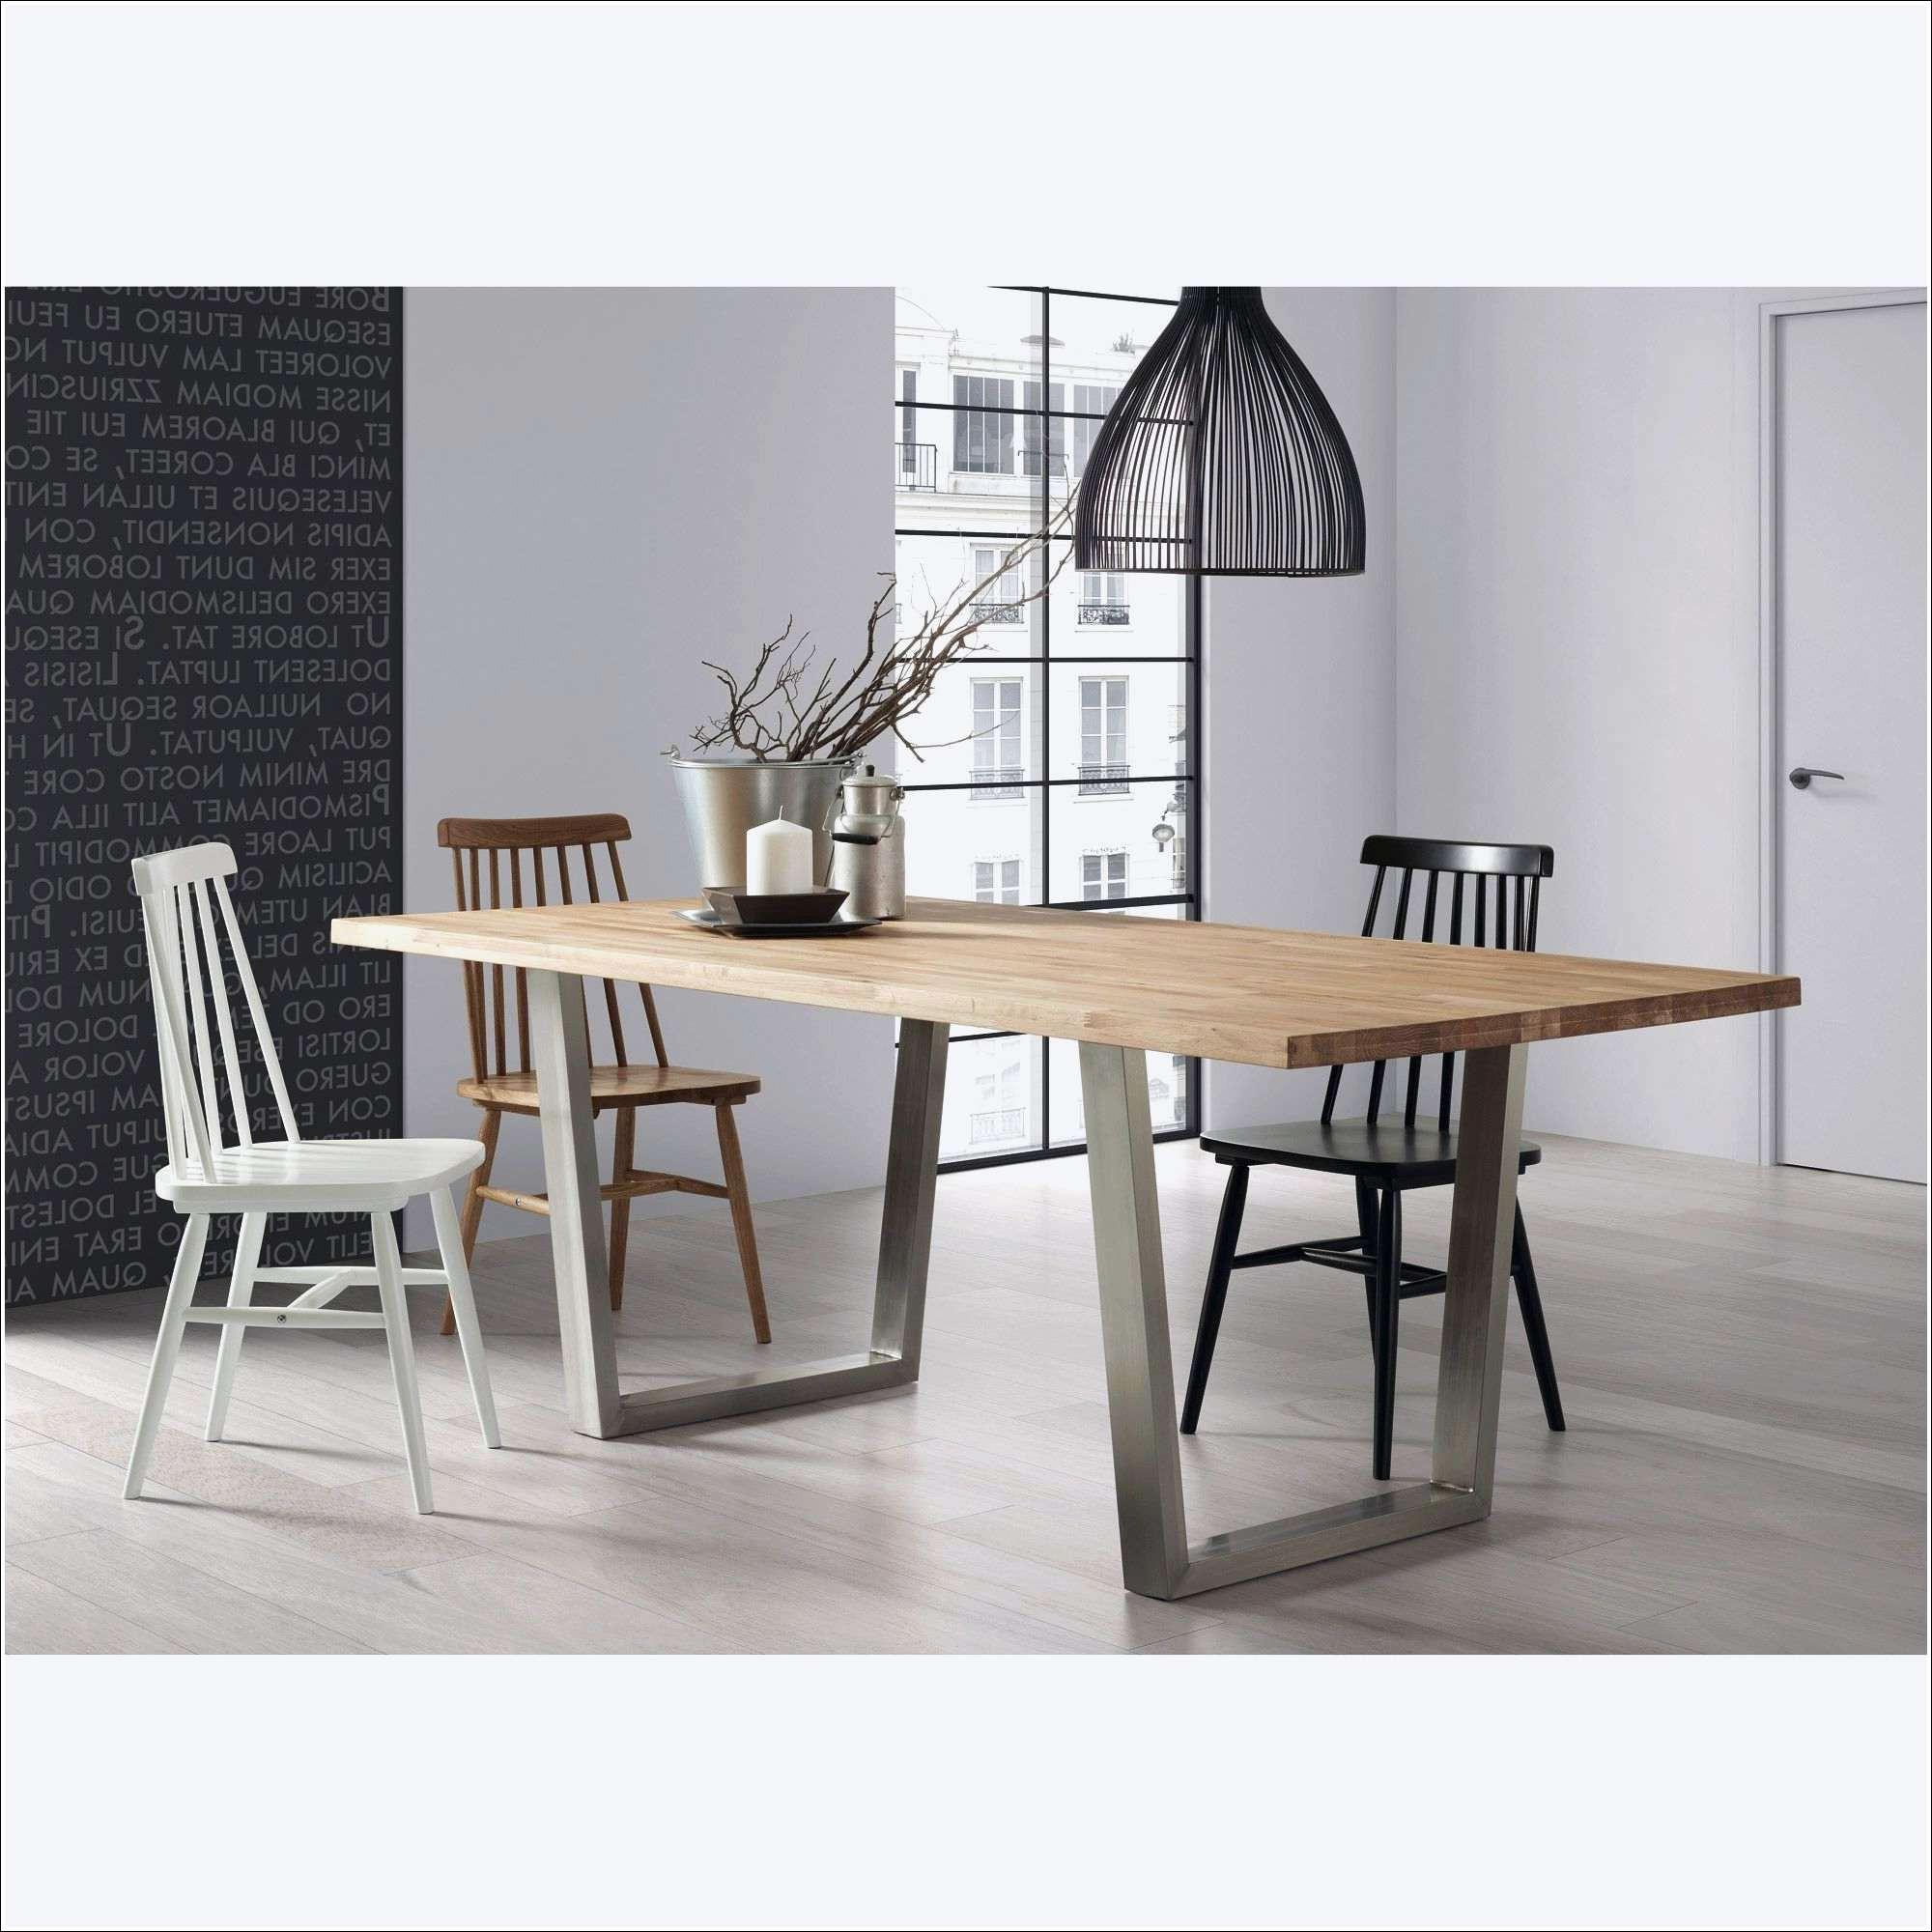 Table De Ferme Ancienne Le Bon Coin Inspirant Table De Ferme ... encequiconcerne Le Bon Coin Salon De Jardin